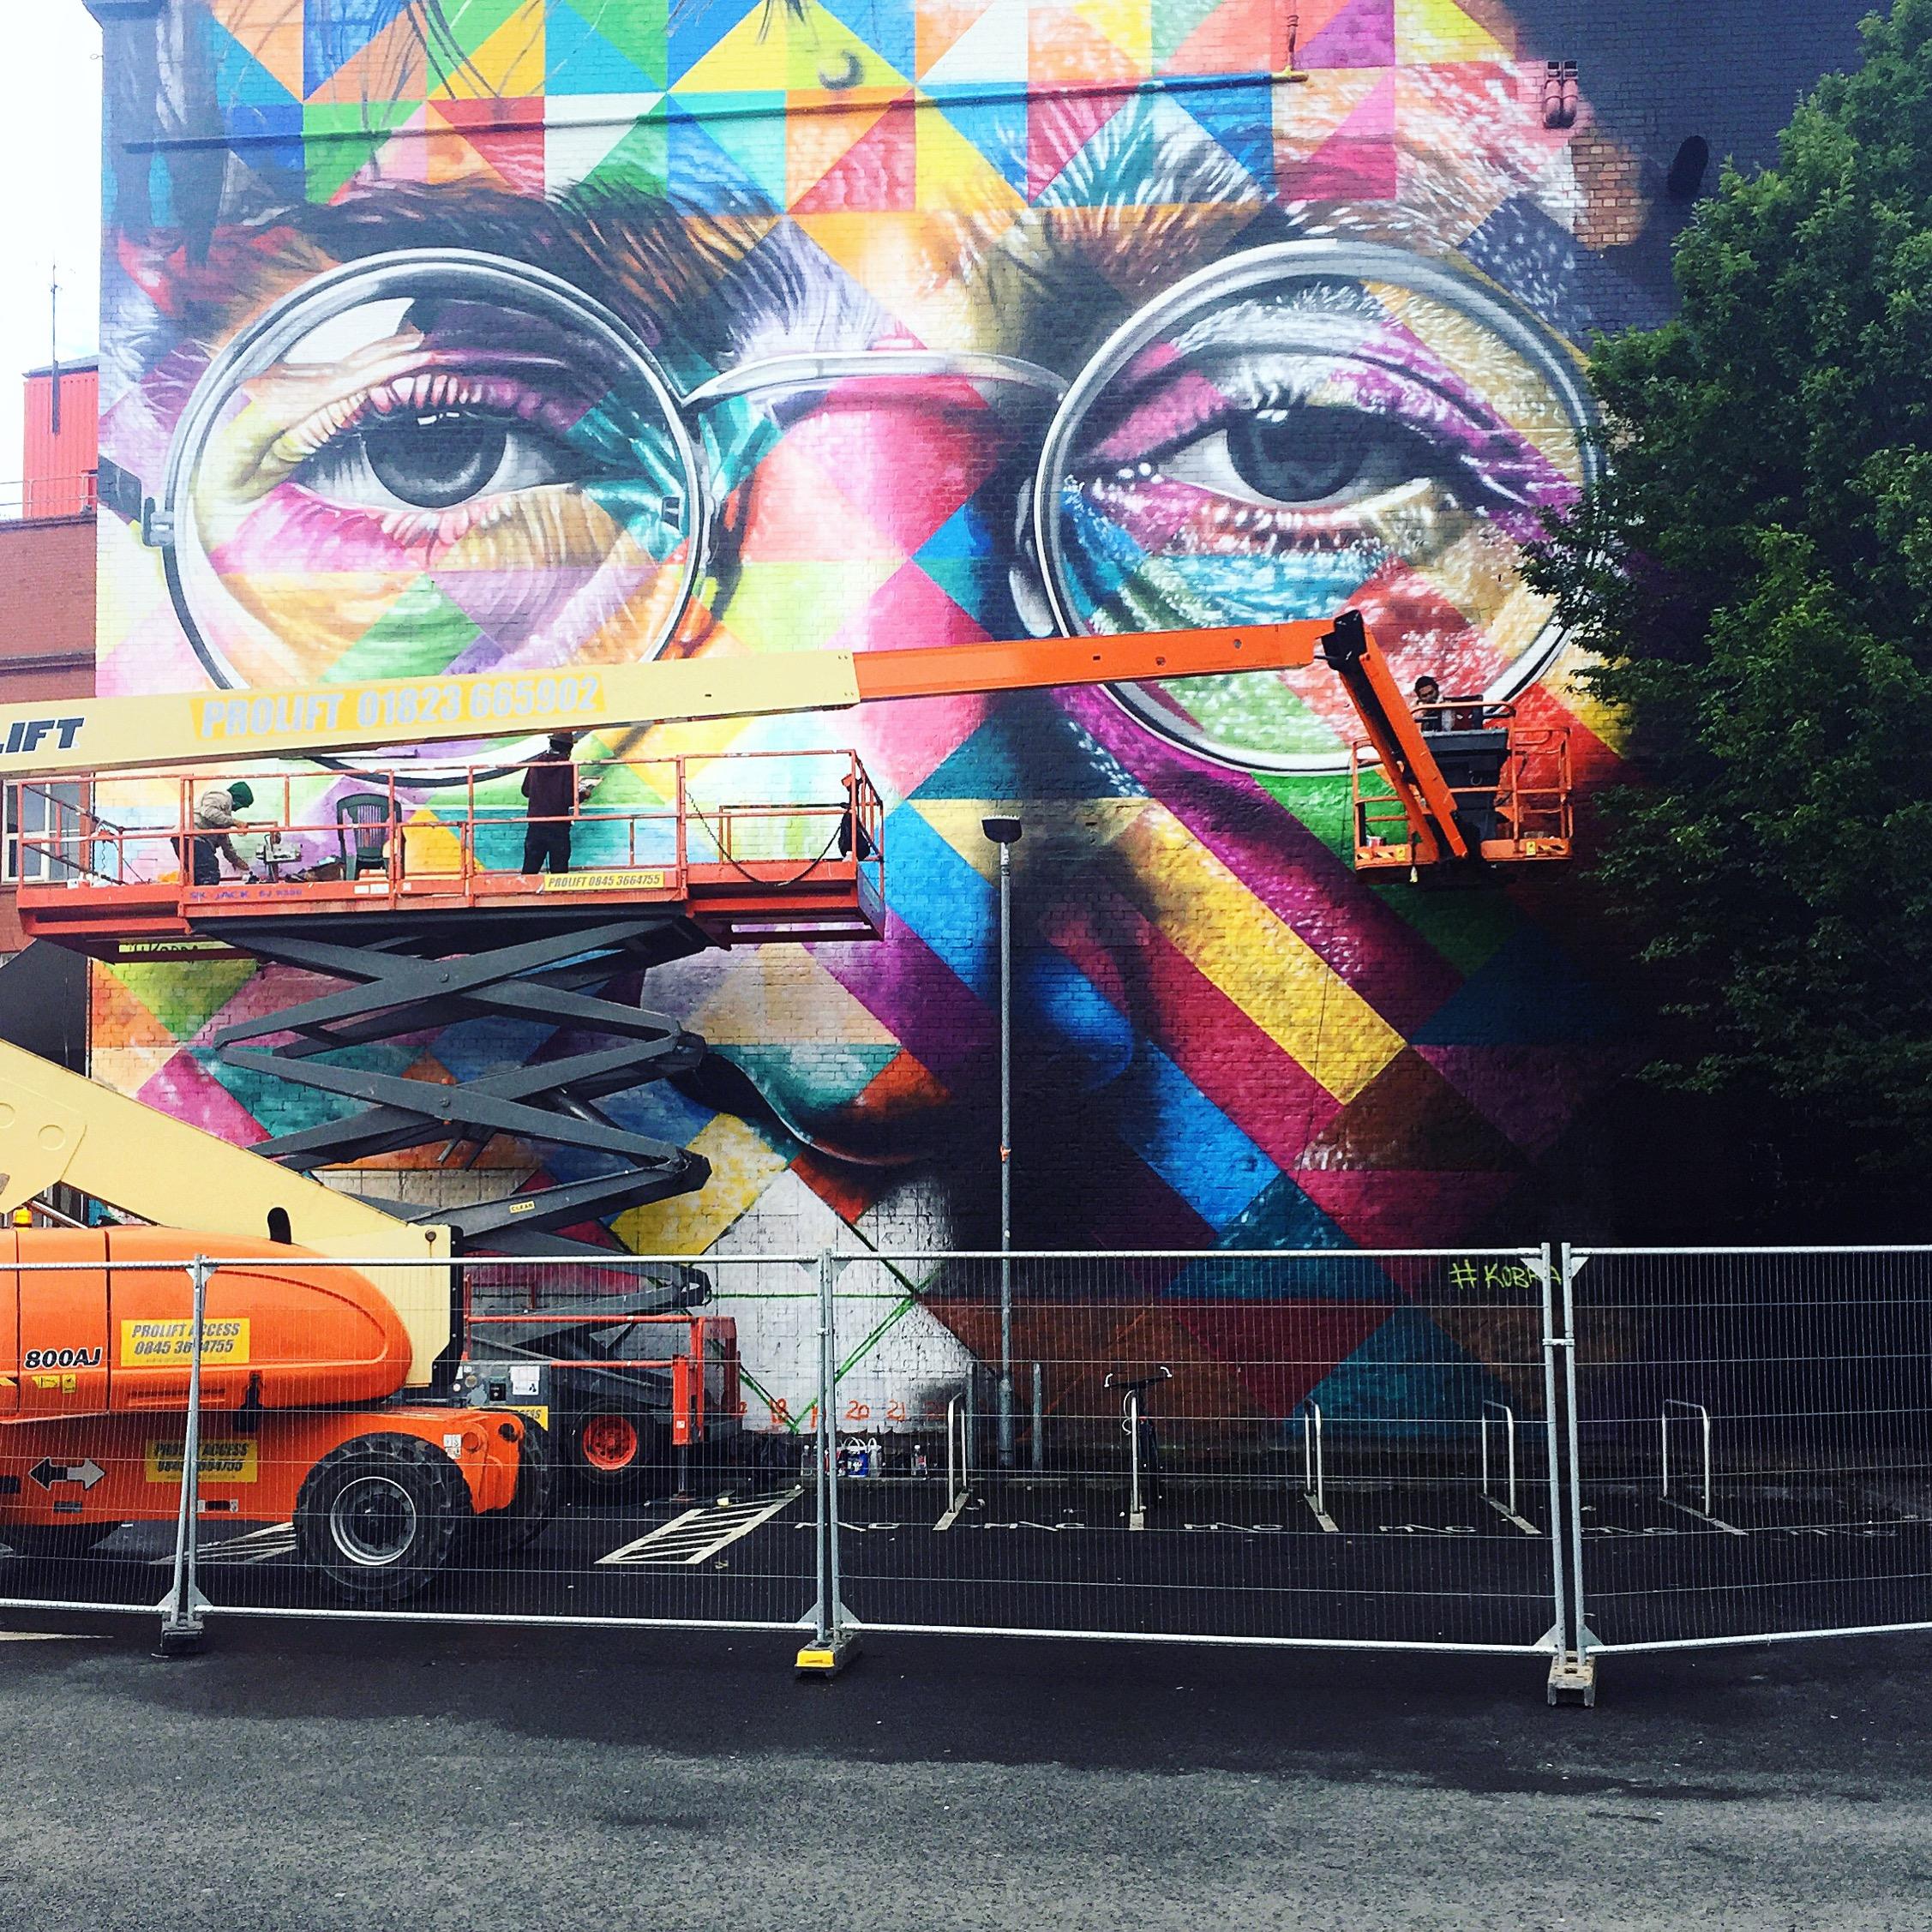 Upfest-blog-bristol-post-street-graffitti-art-festival-john-lennon.JPG